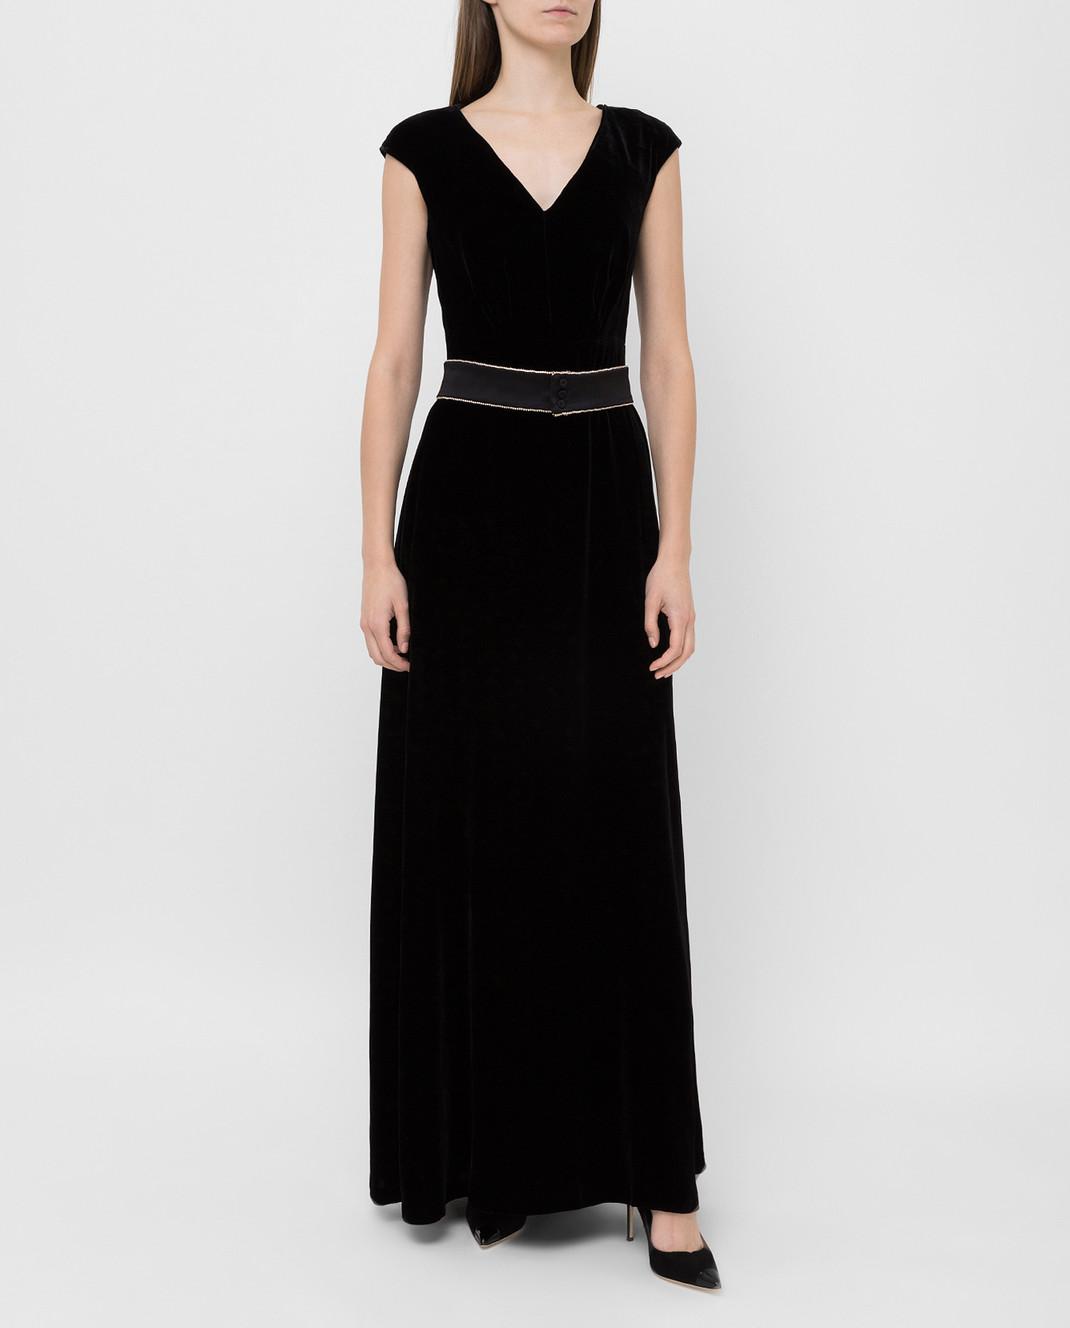 Max Mara Черное бархатное платье ASTRALE изображение 2